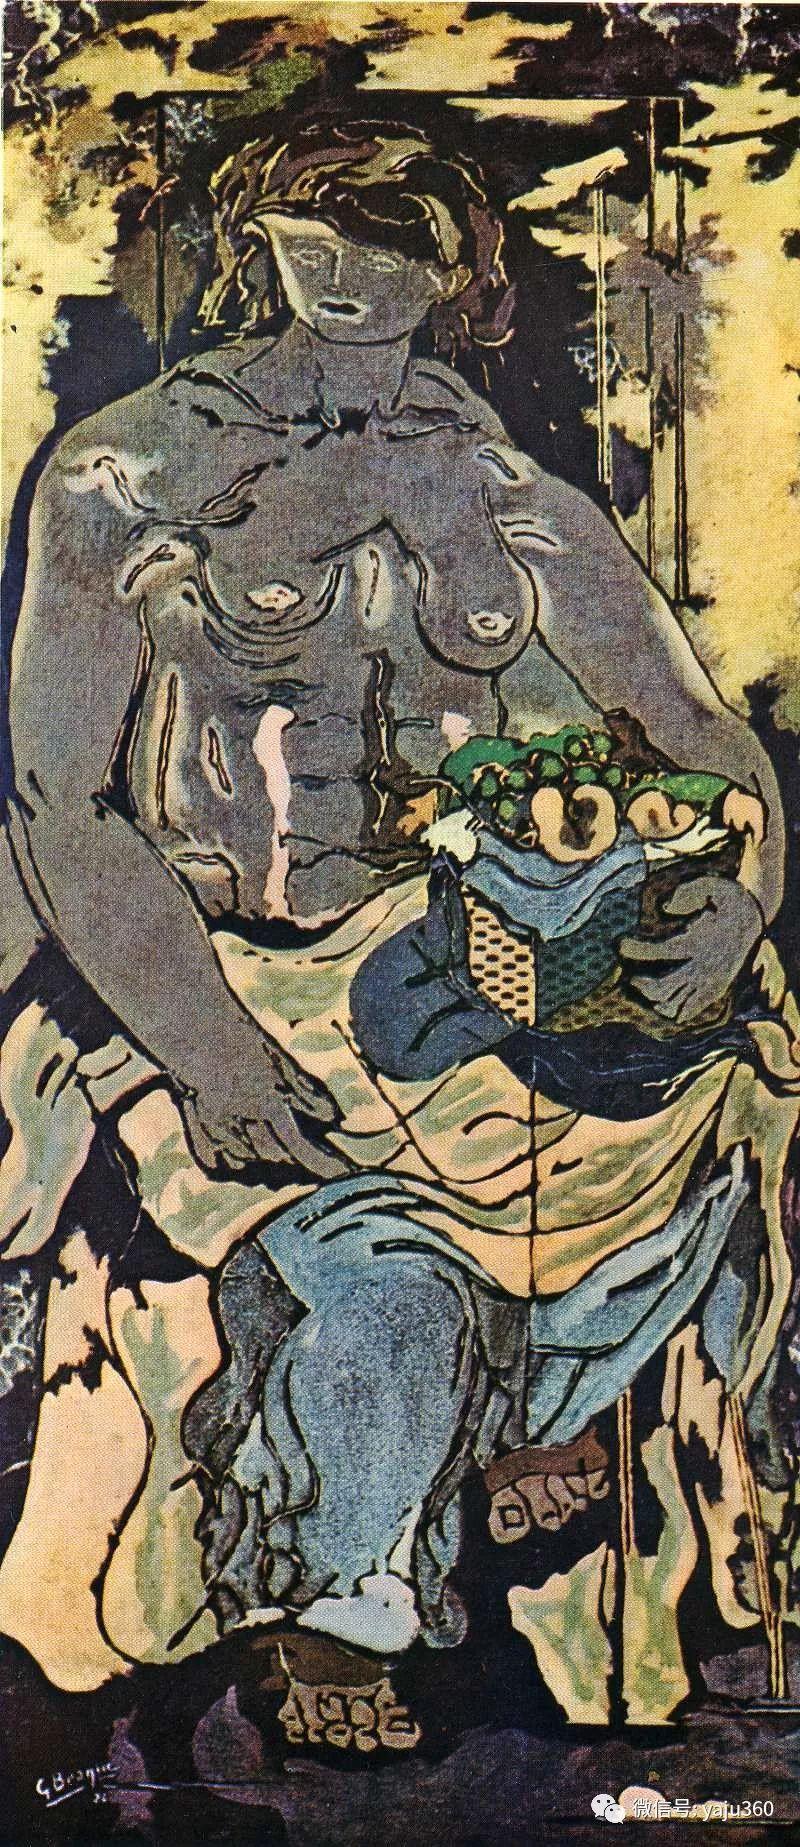 立体主义代表 法国画家乔治·勃拉克插图55